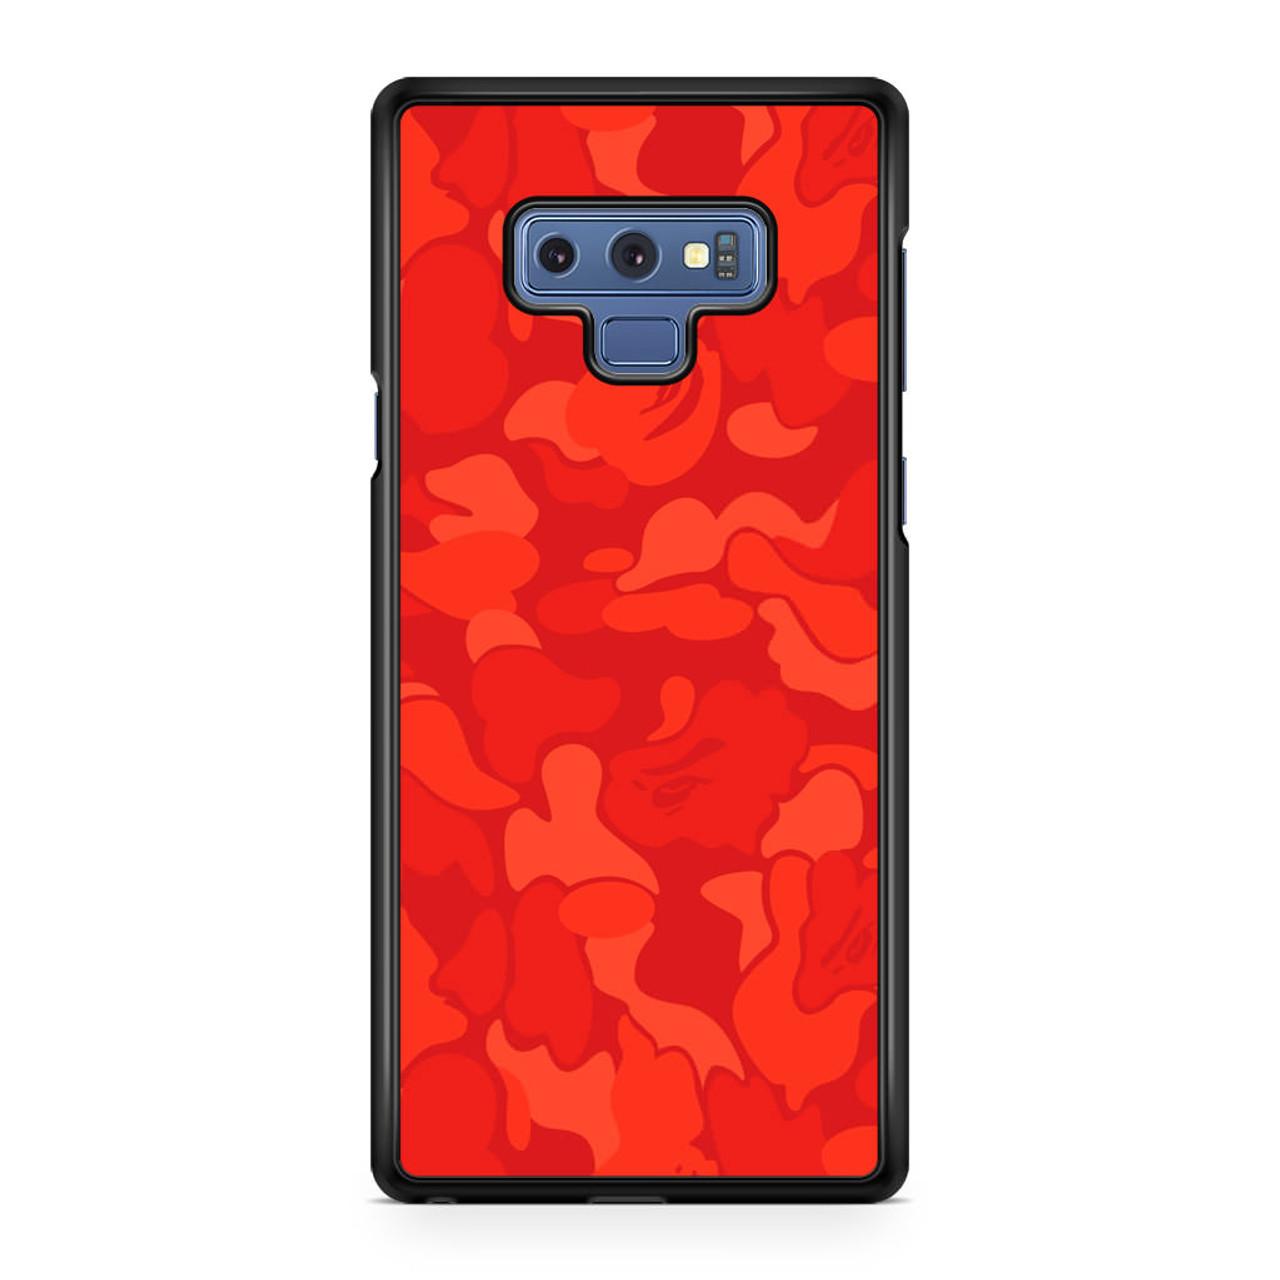 premium selection 58c7e ecc39 Bape Camo Red Samsung Galaxy Note 9 Case